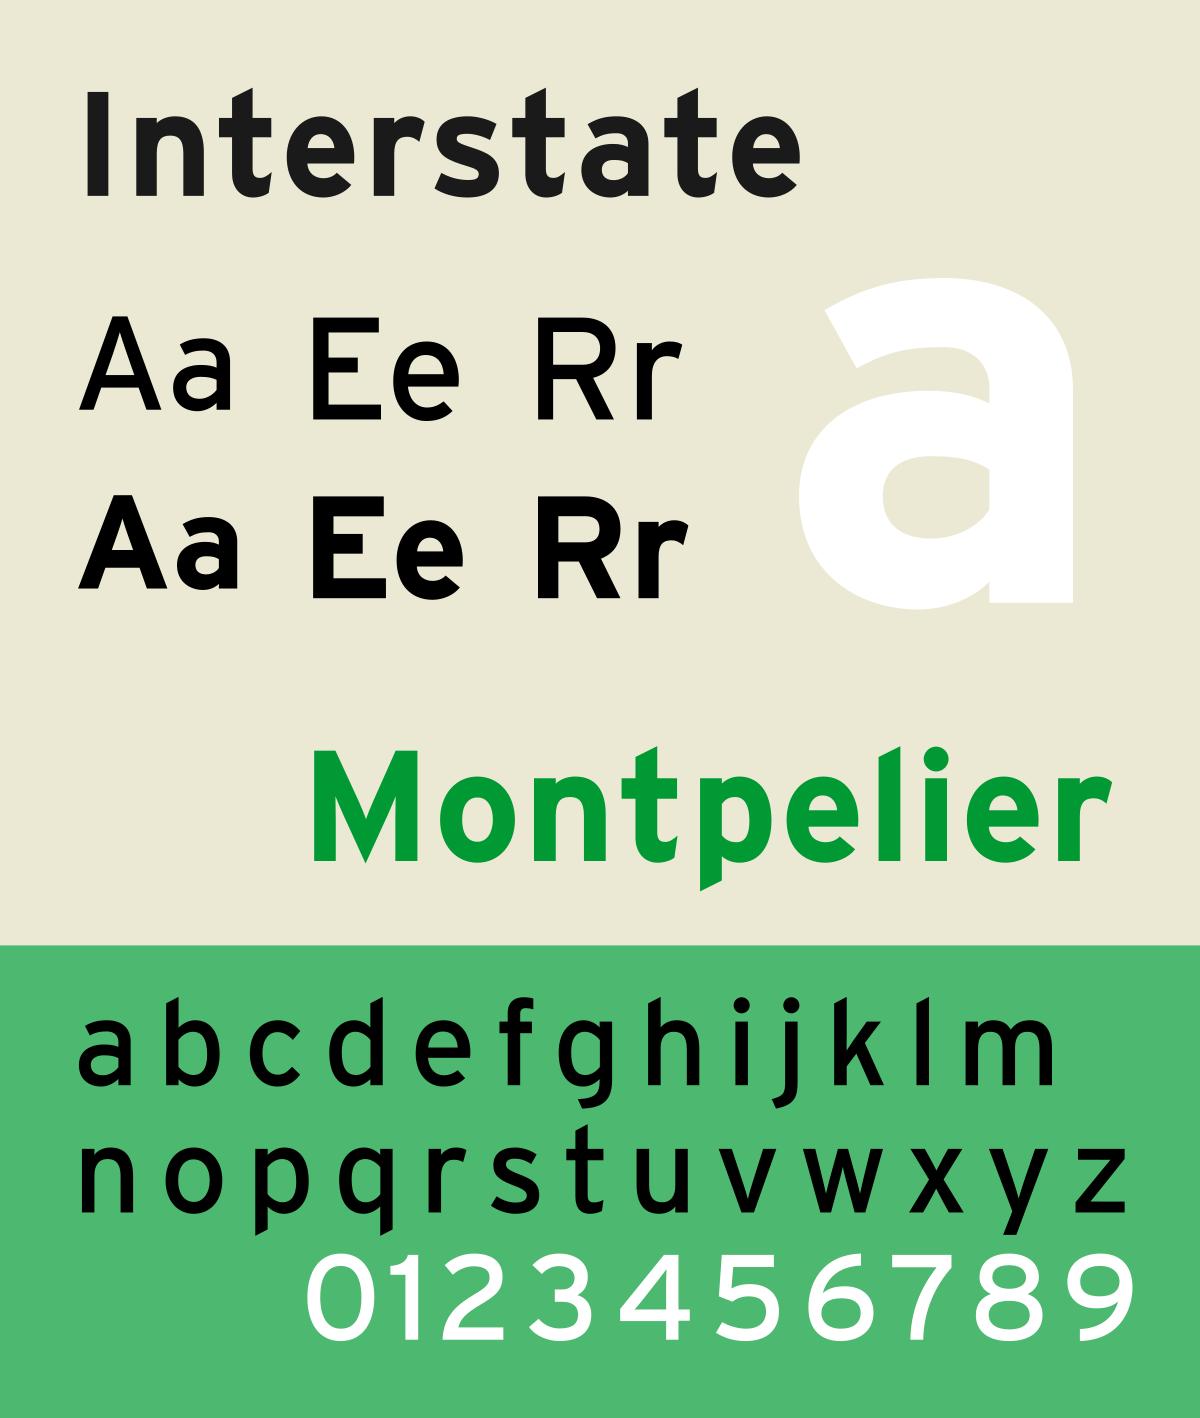 las tipografías más utilizadas en publicidad: Interstate